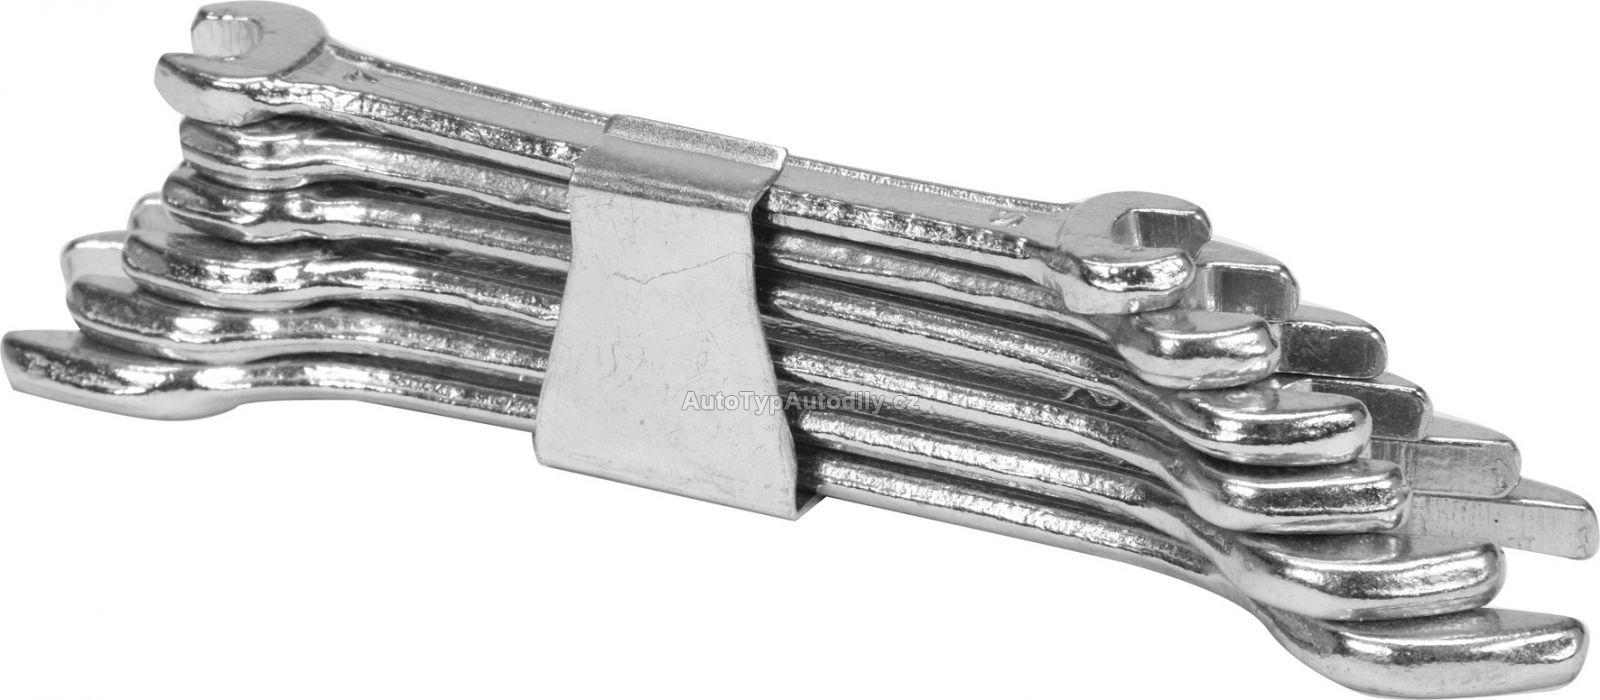 Sada klíčů očkoplochých 8 ks 6 - 22 mm CN